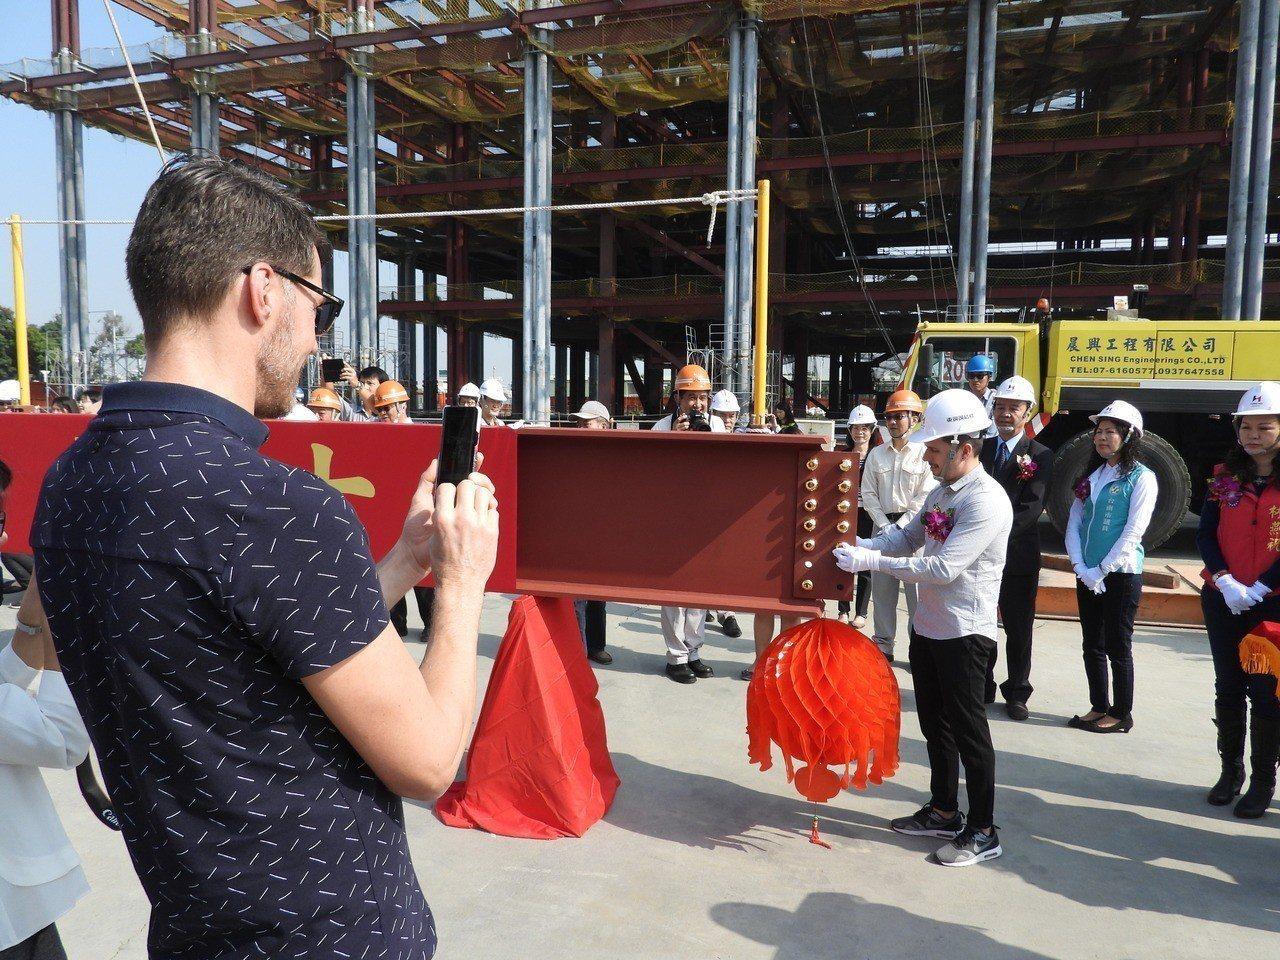 參與規劃的荷蘭業者紀錄體驗台灣的上梁儀式。記者周宗禎/攝影